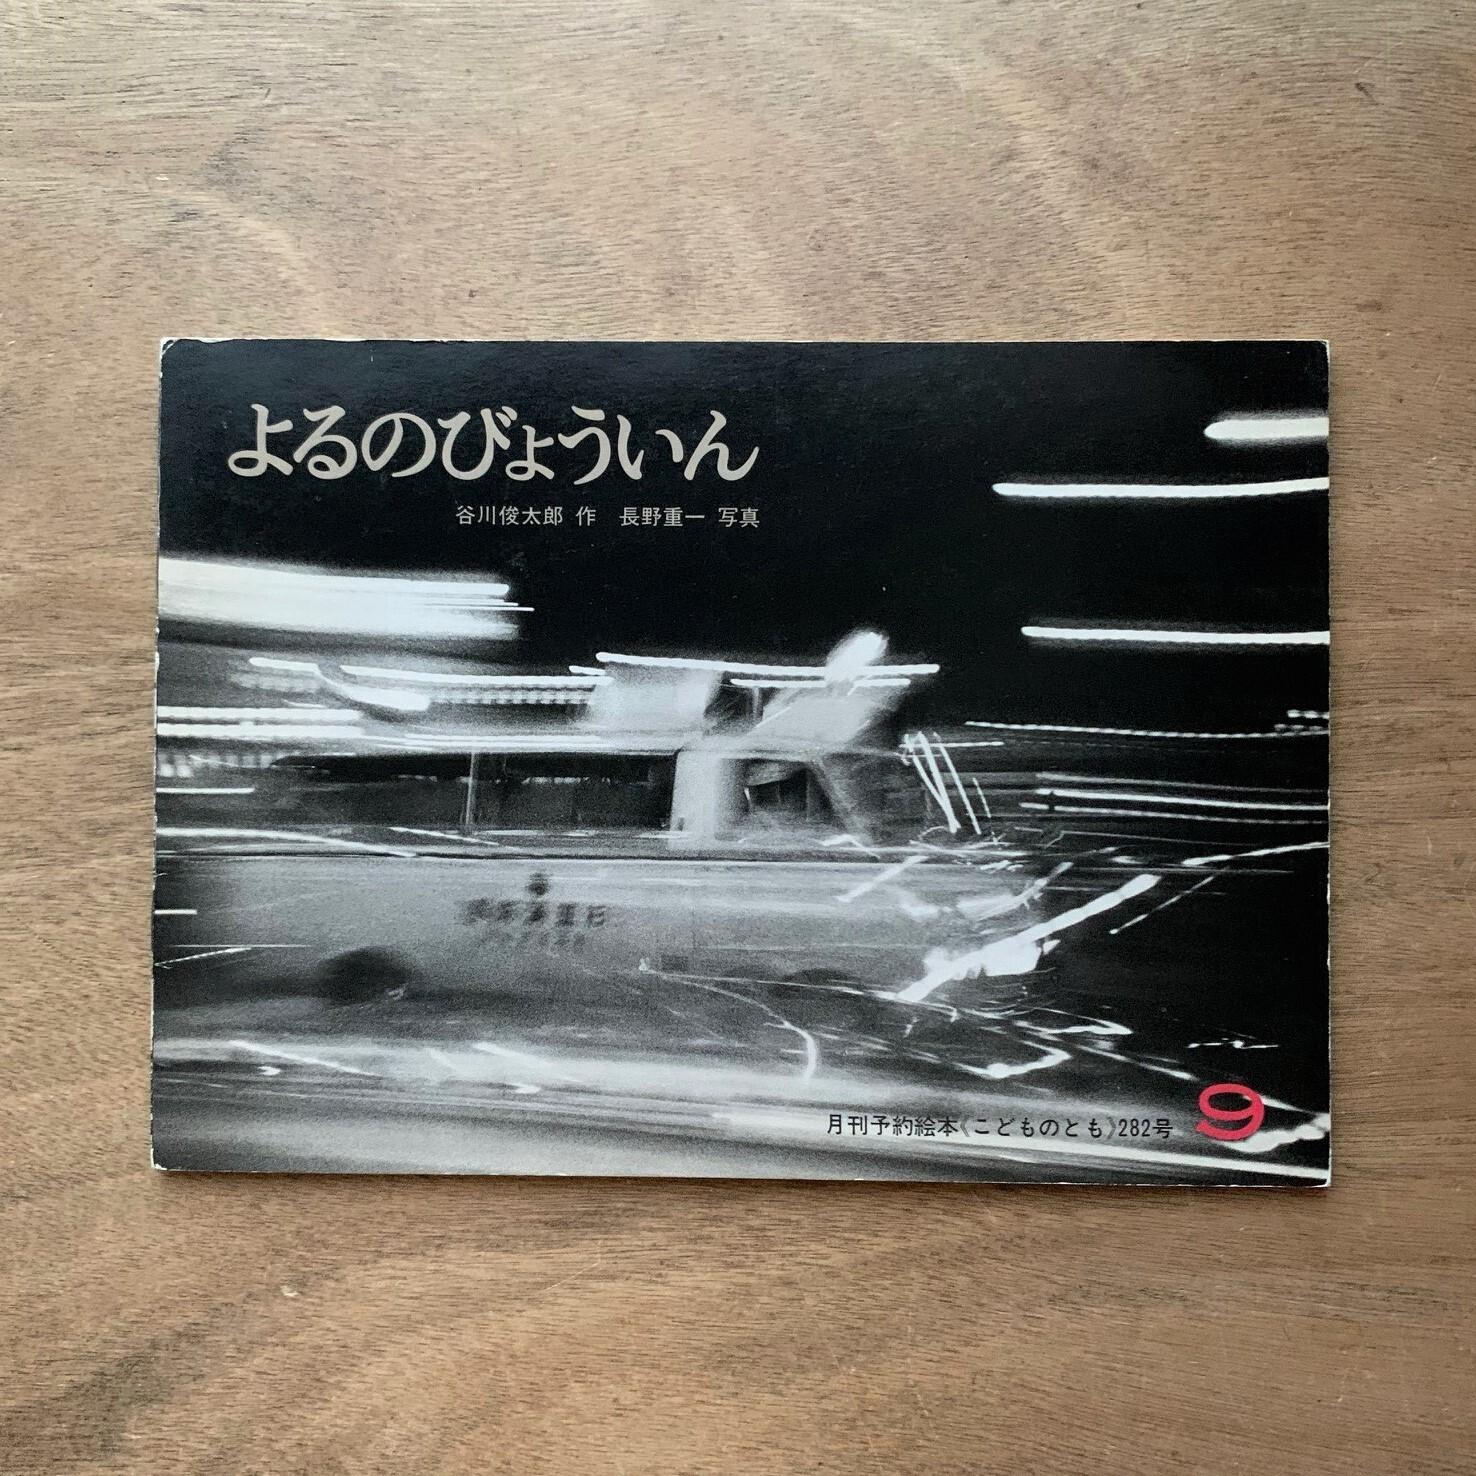 よるのびょういん / こどものとも 282号 / 谷川俊太郎 作 / 長野重一 写真